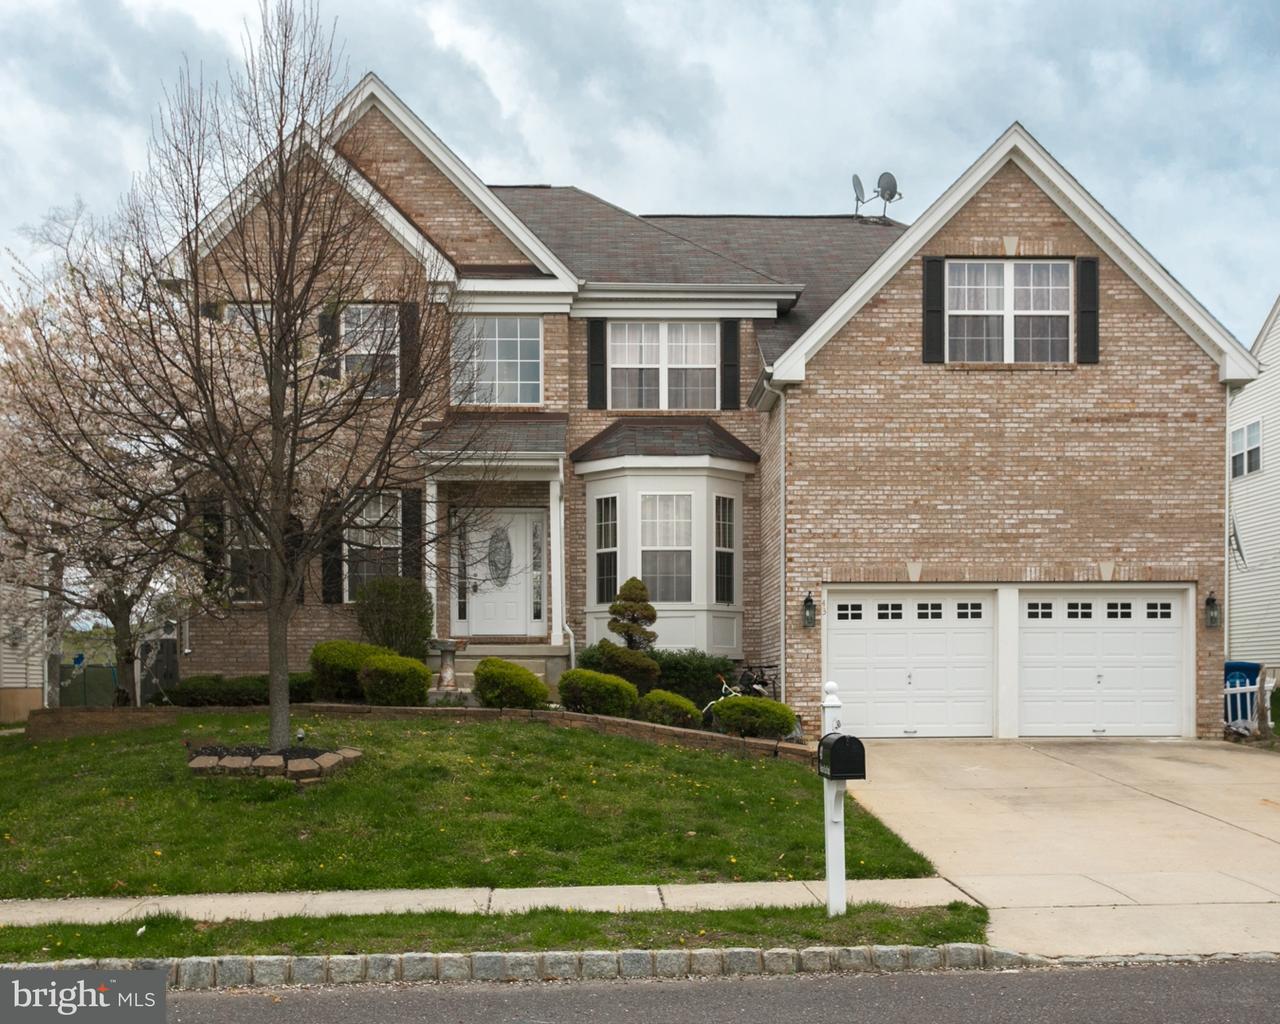 Maison unifamiliale pour l Vente à 43 MEADOW RUN Road Bordentown, New Jersey 08505 États-Unis